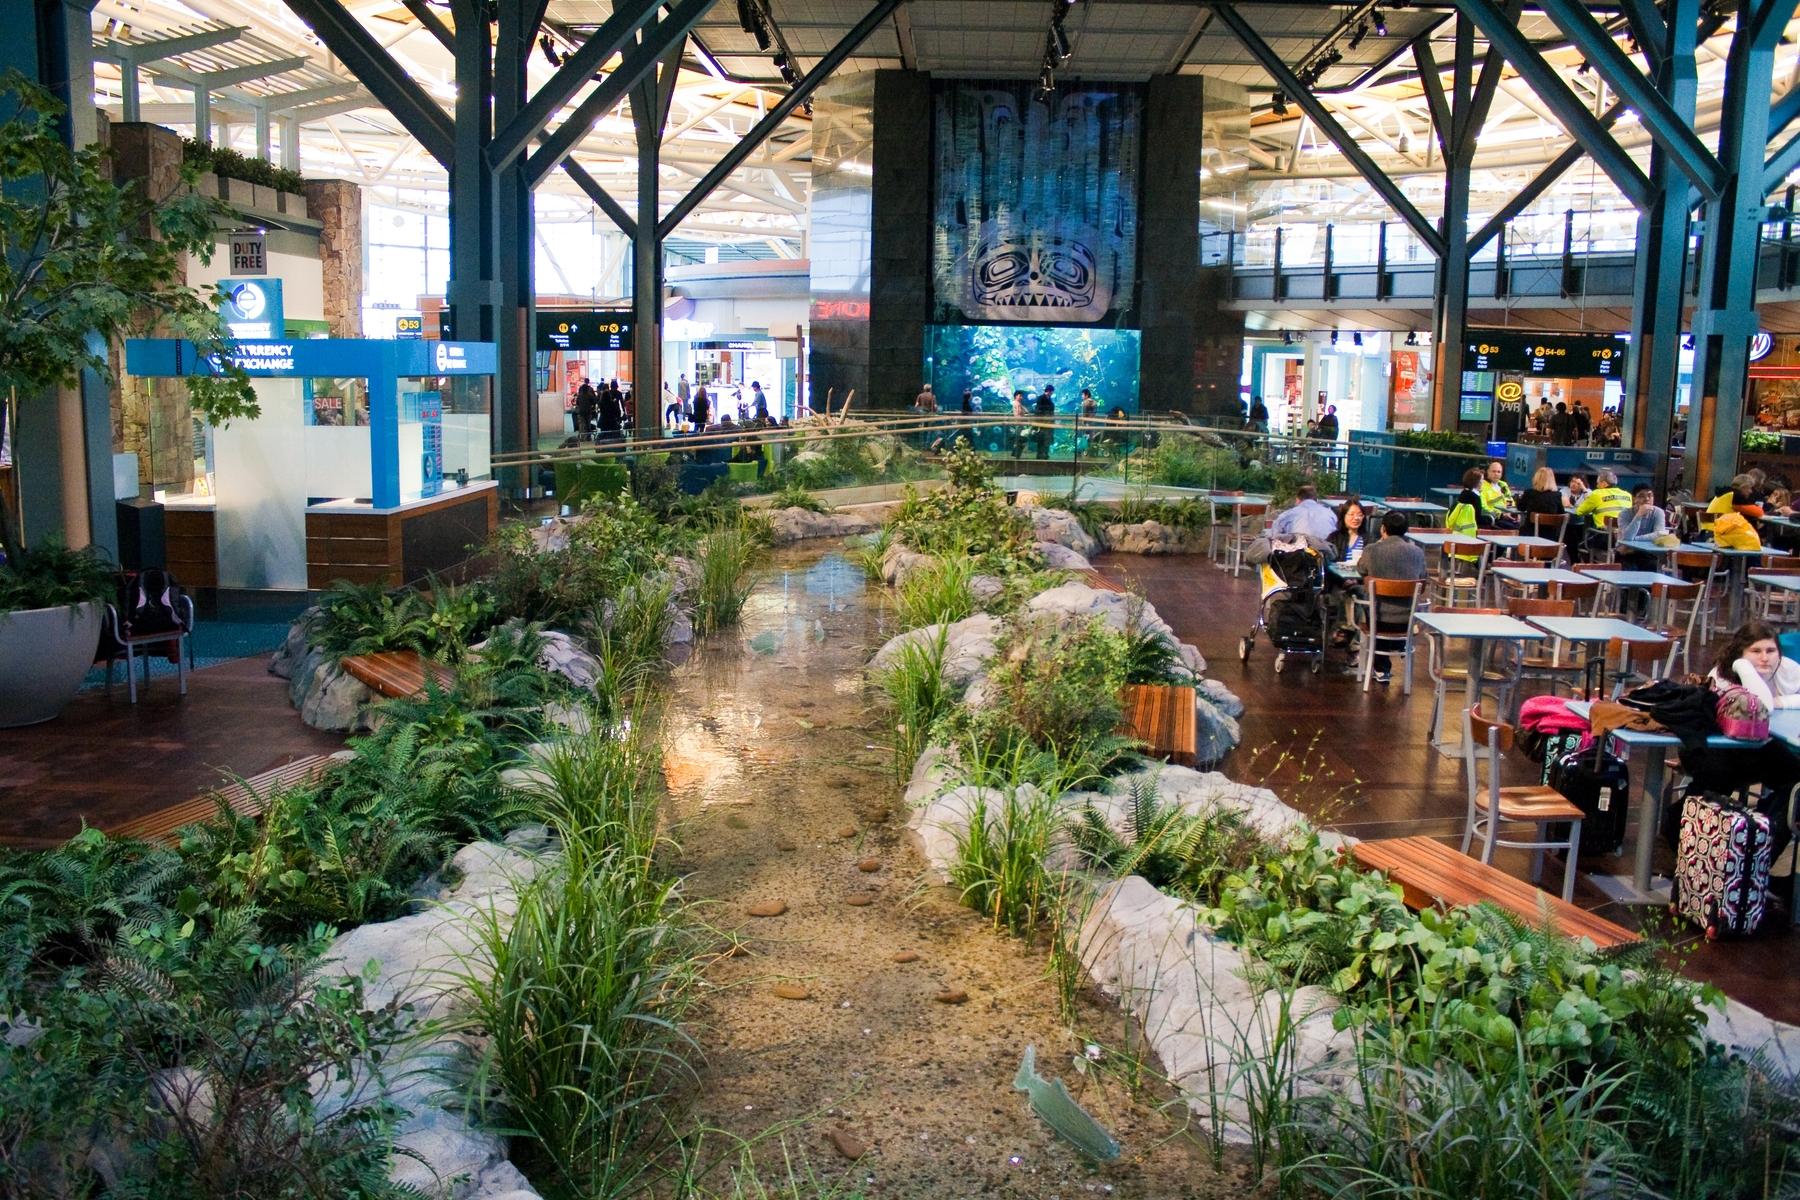 Garden inside Vancouver's airport